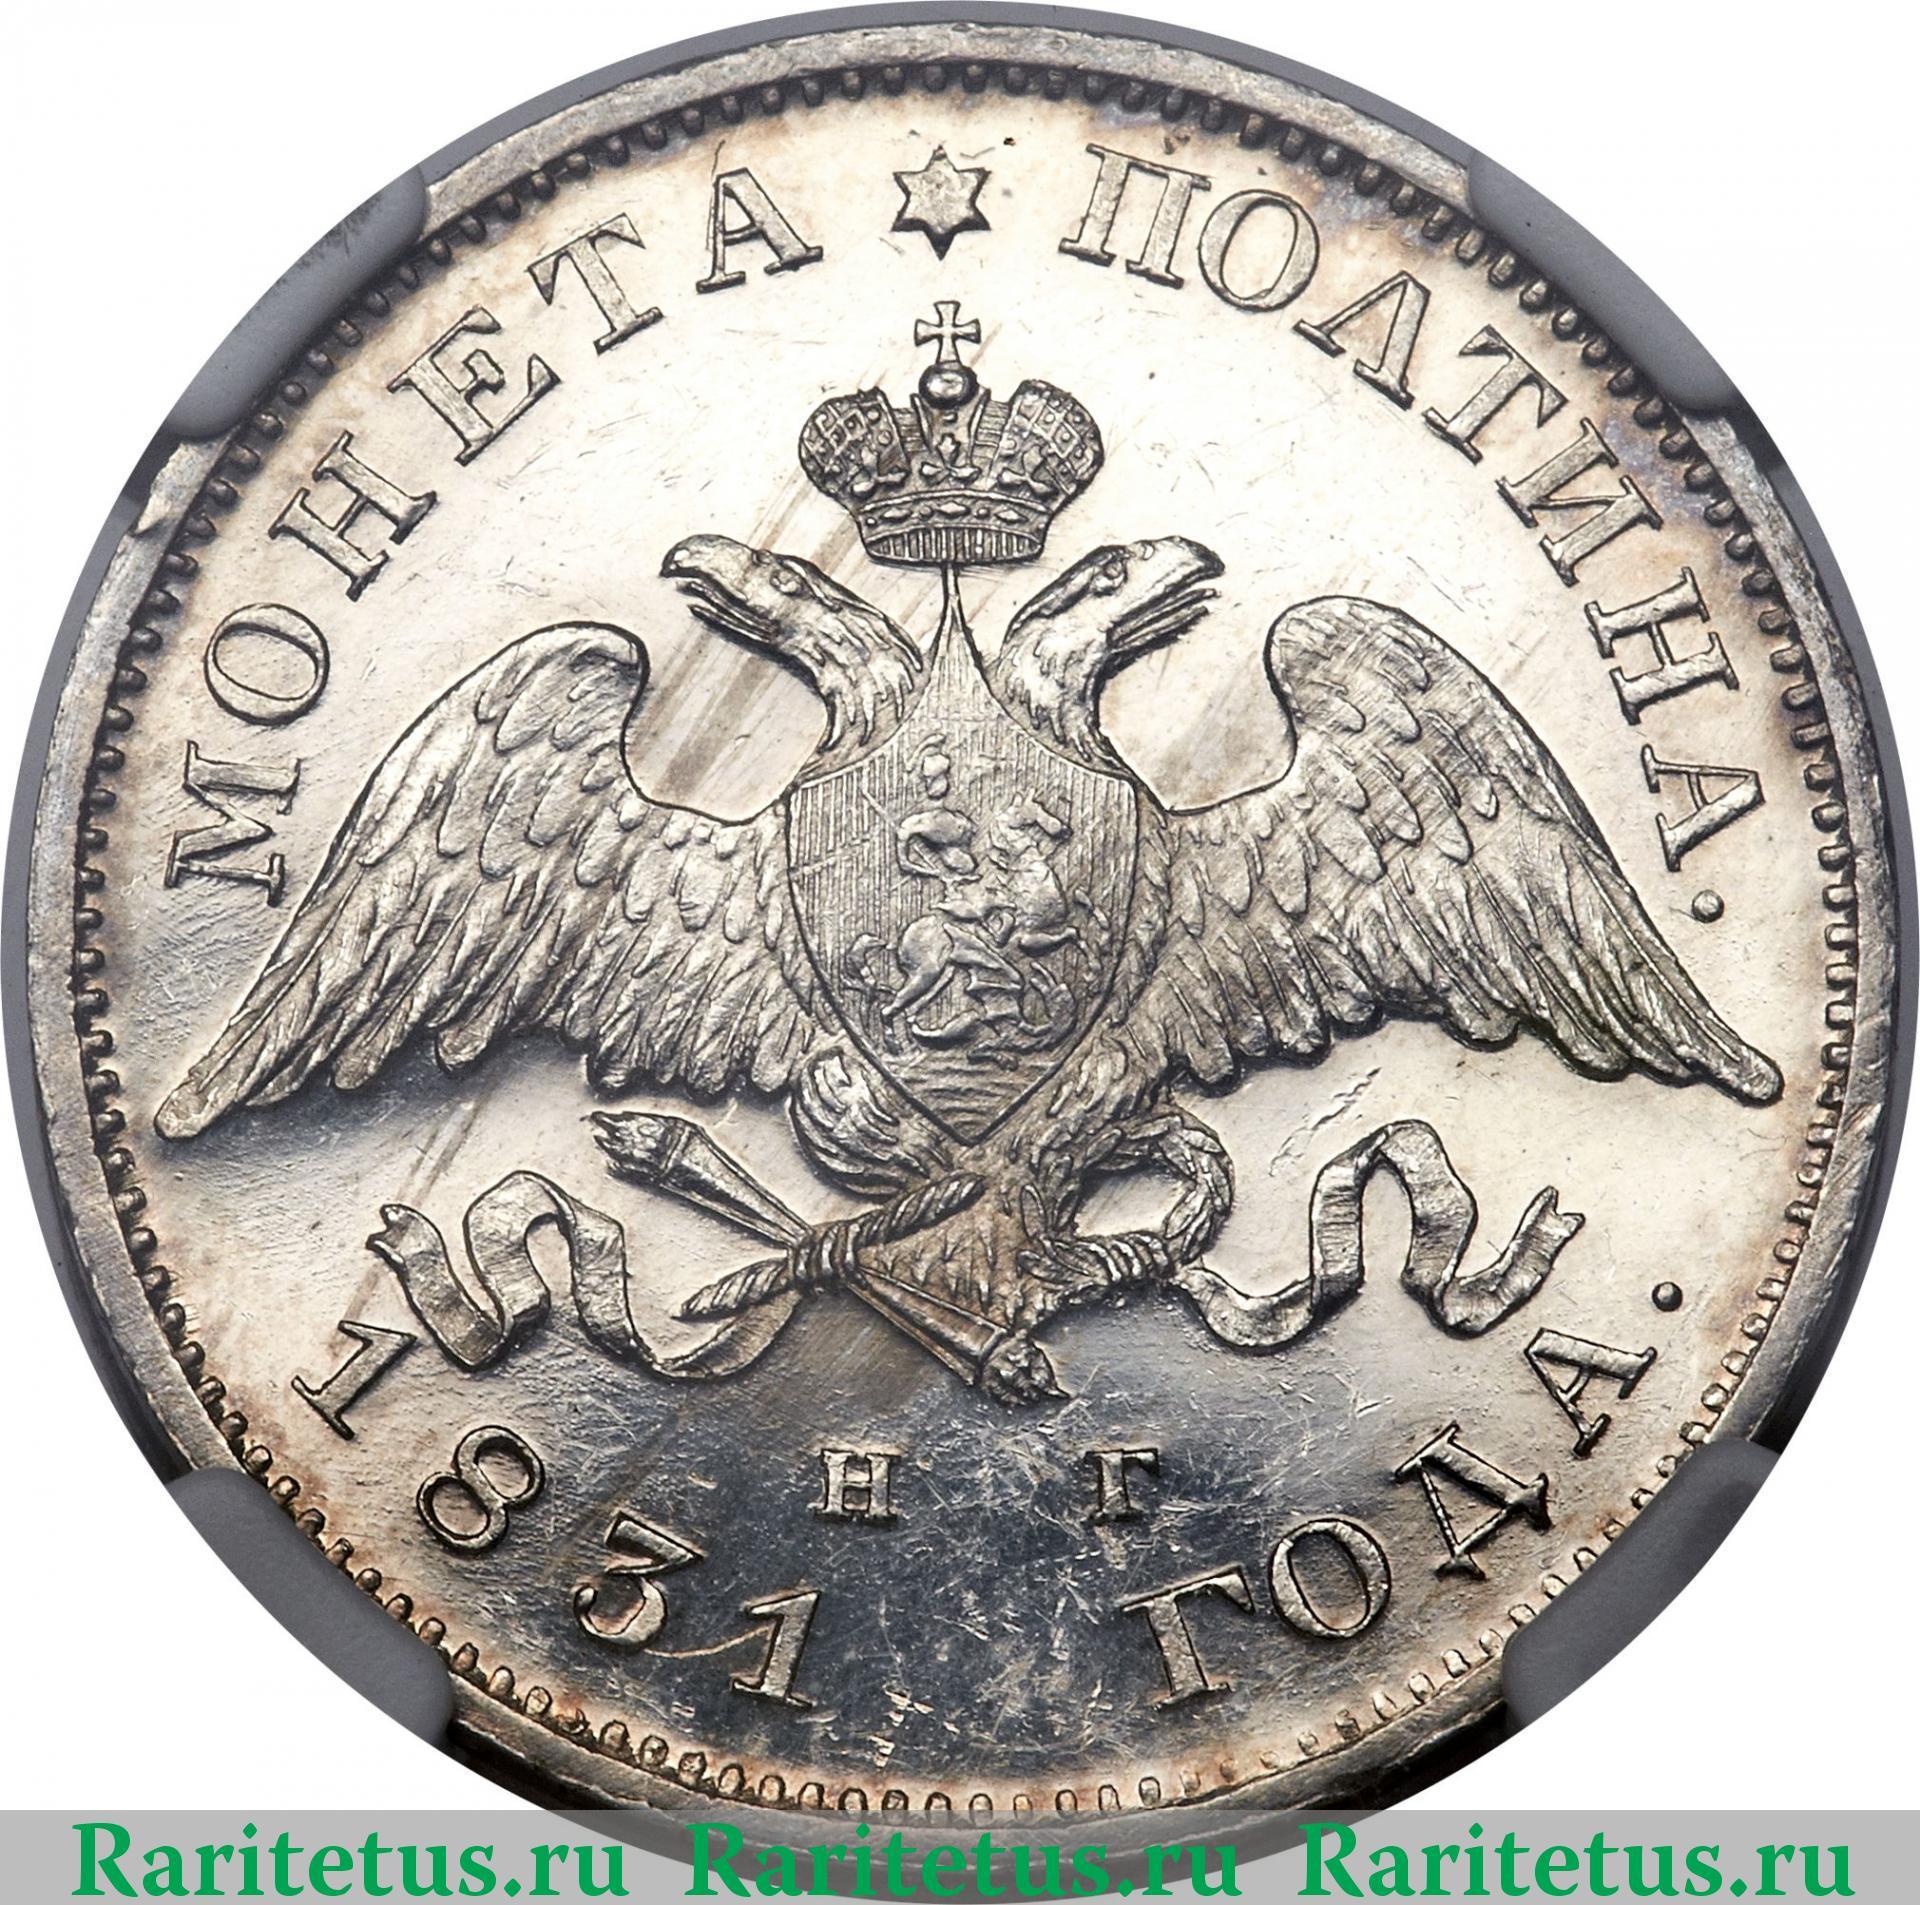 Почему на монетах орел с опущенными крыльями юбилейные монеты с 1999 года по настоящее время